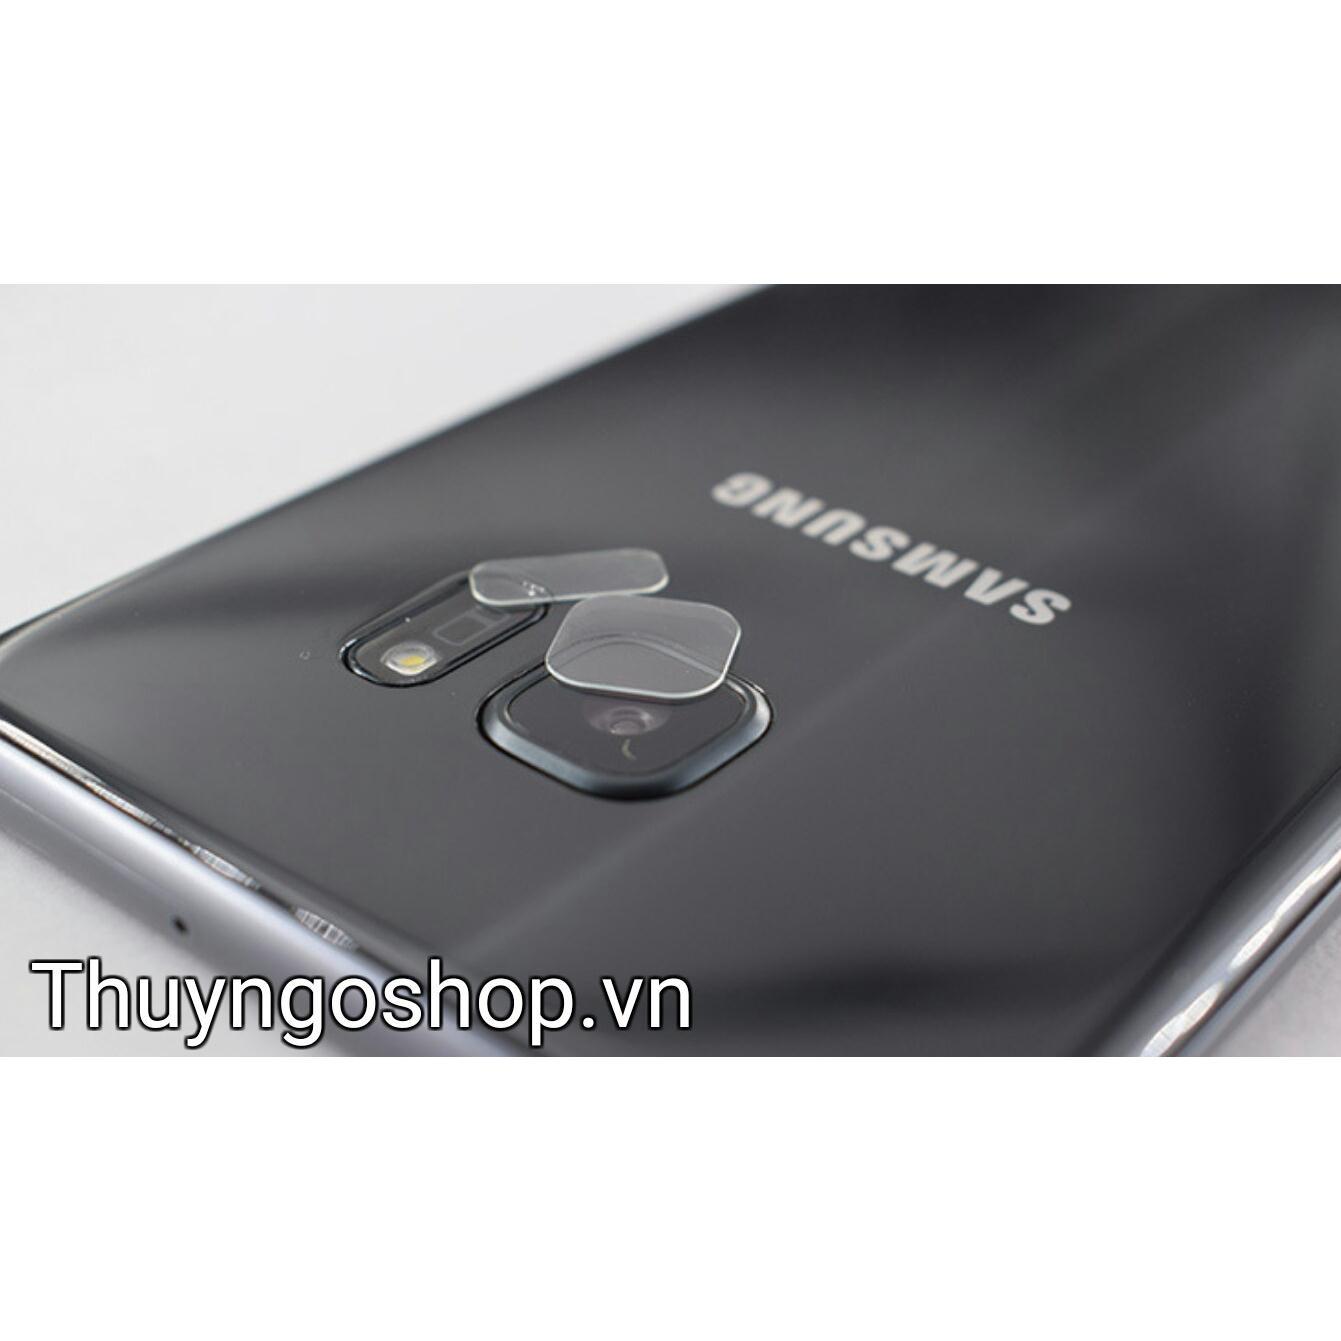 Dán bảo vệ chống trầy camera + flash Samsung S6 Edge+